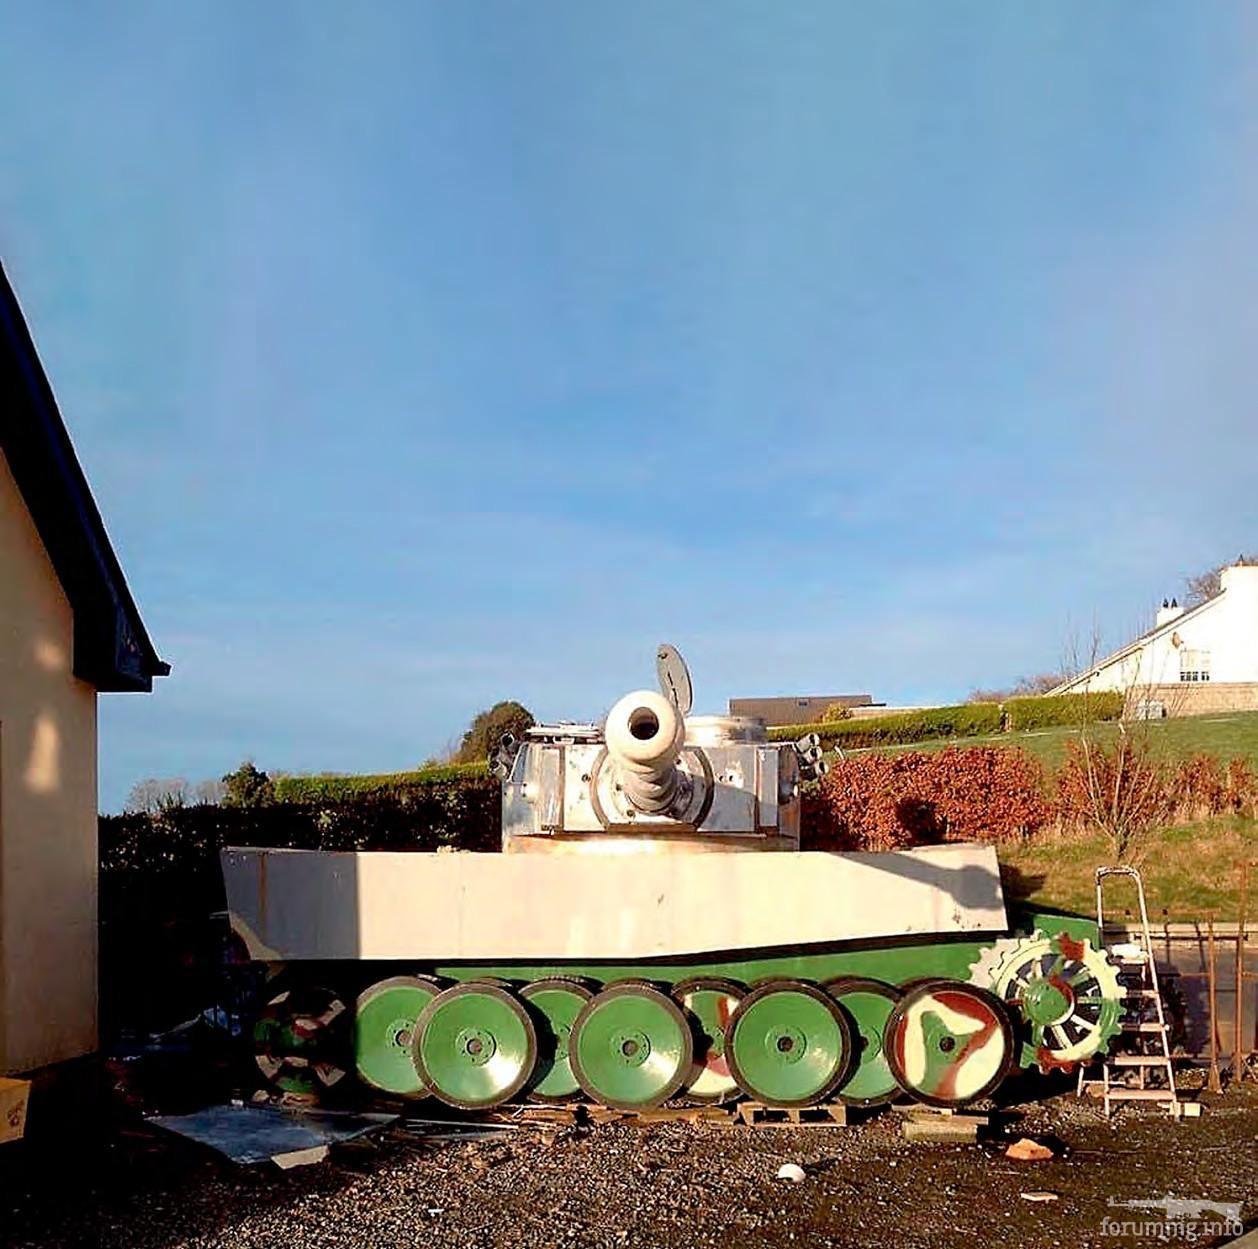 131691 - Деревянный танк